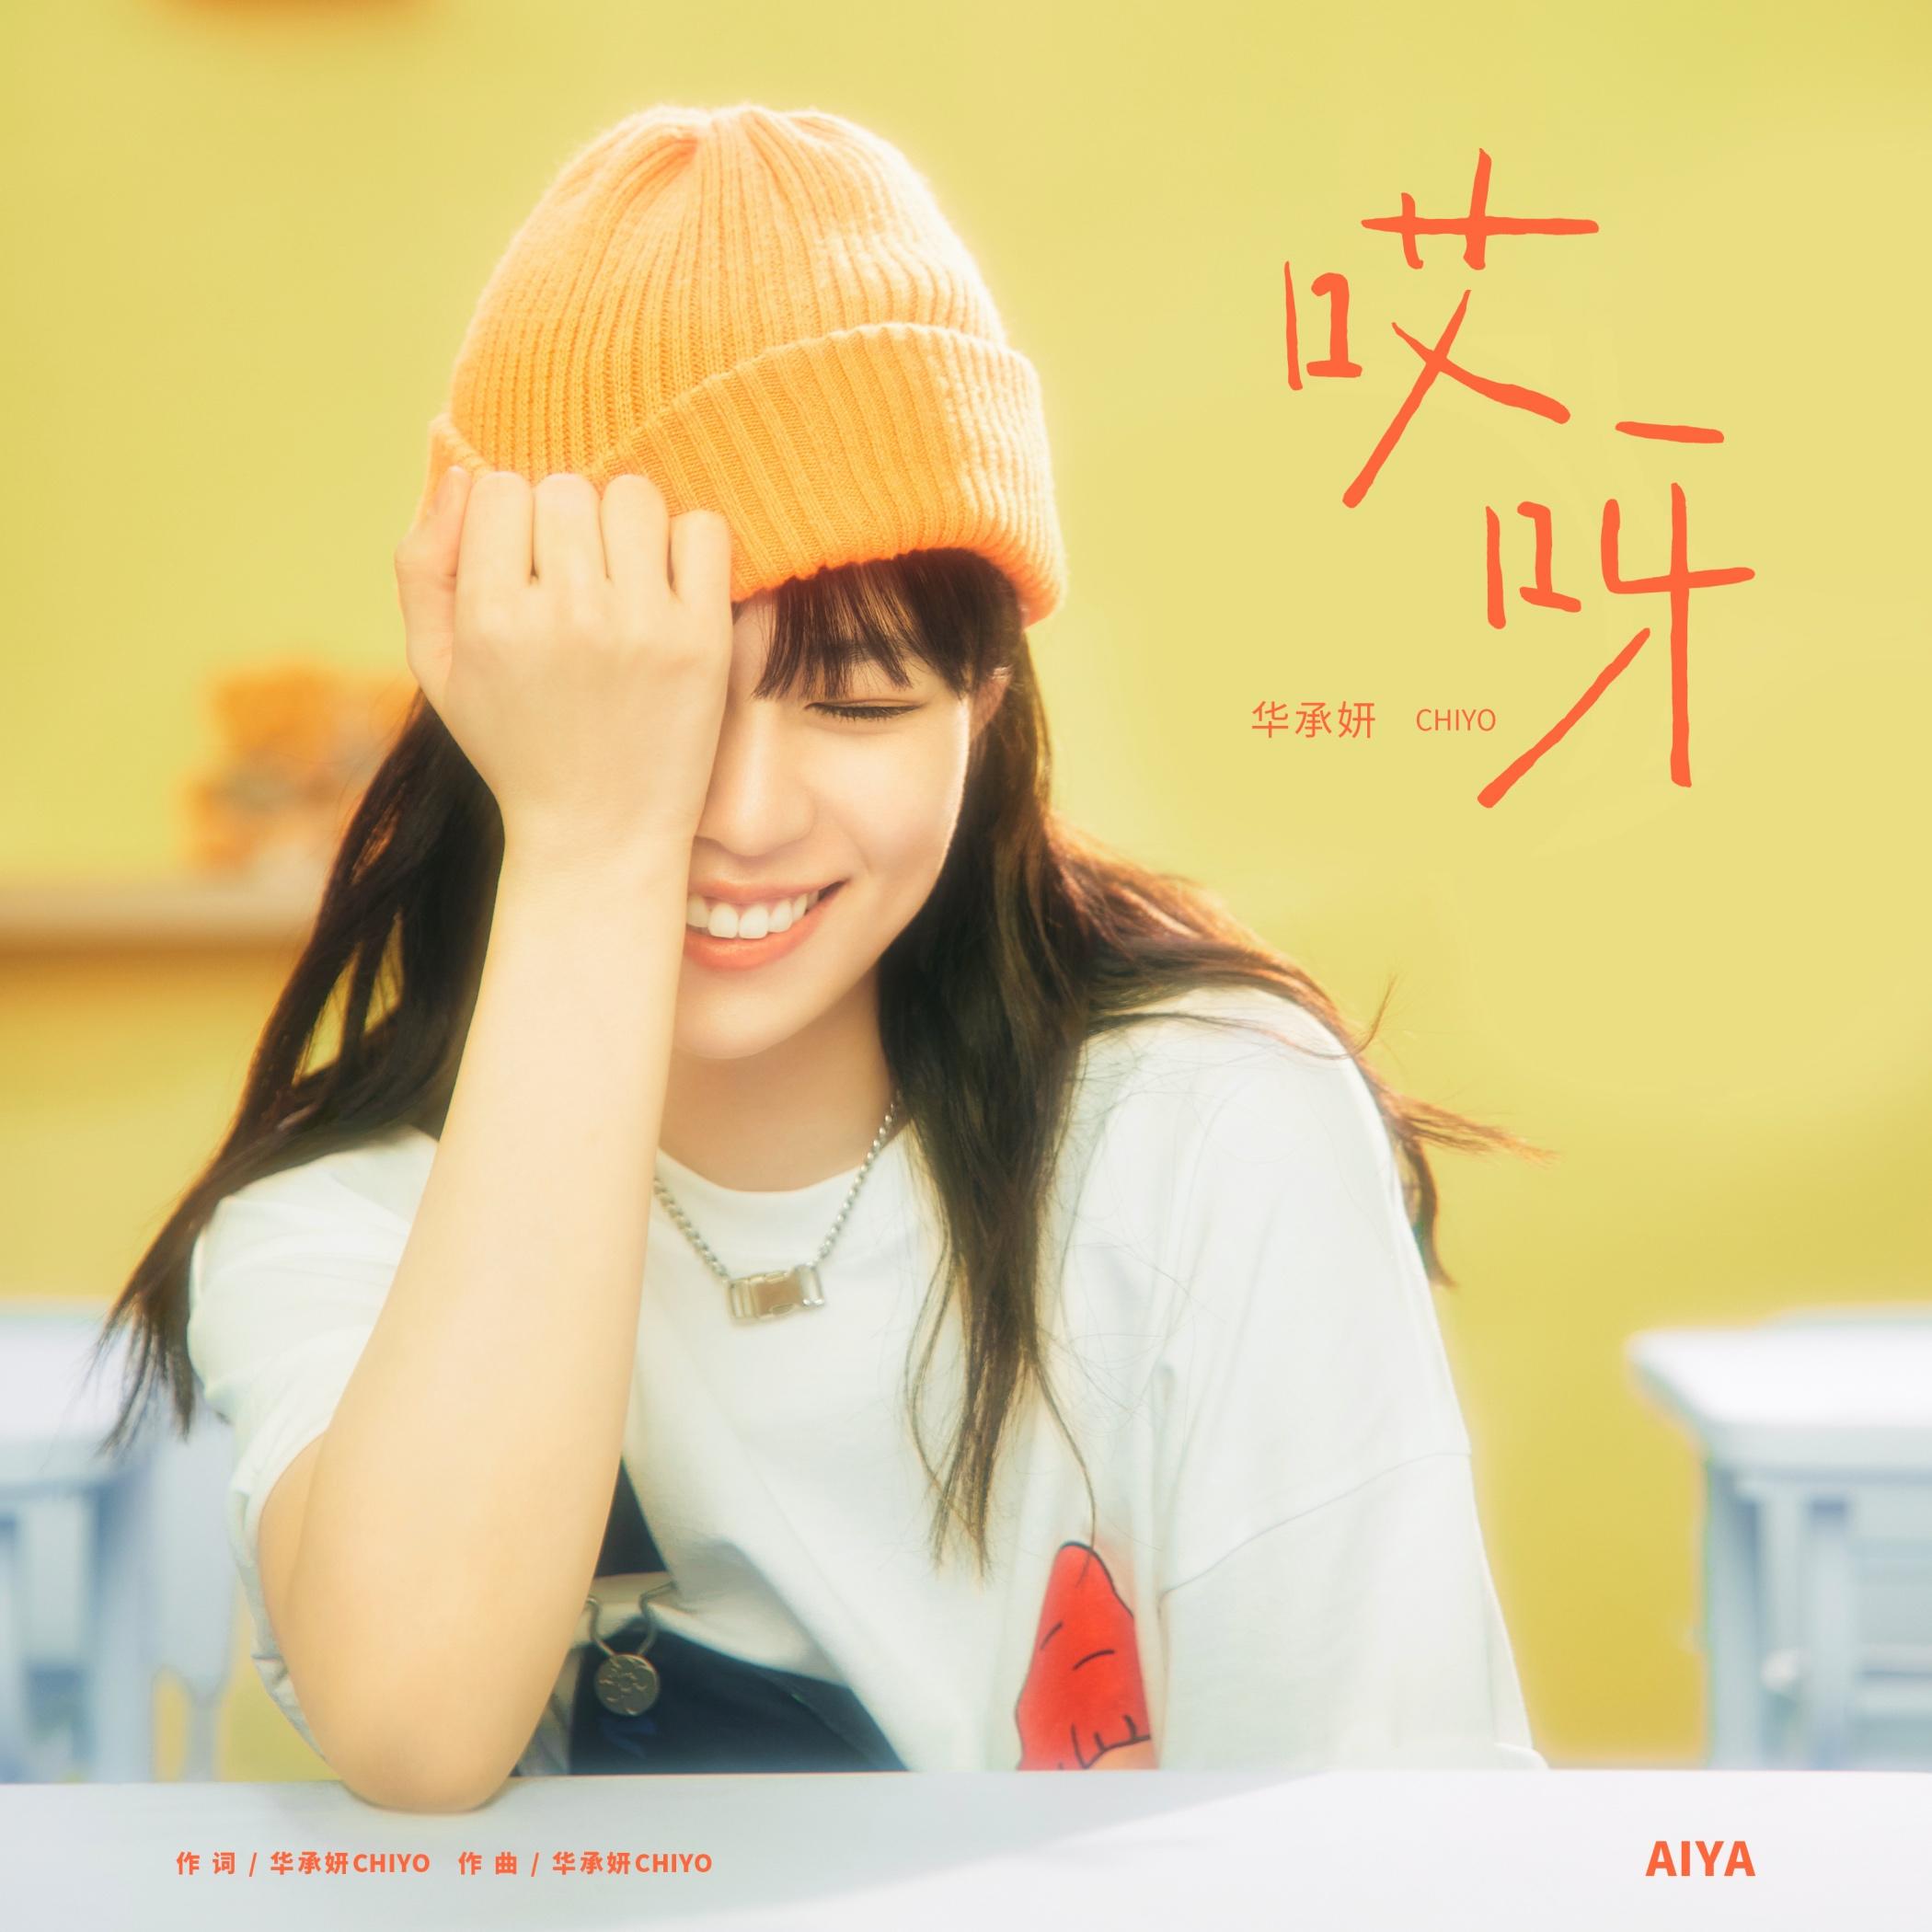 华承妍《哎呀》单曲封面.jpg